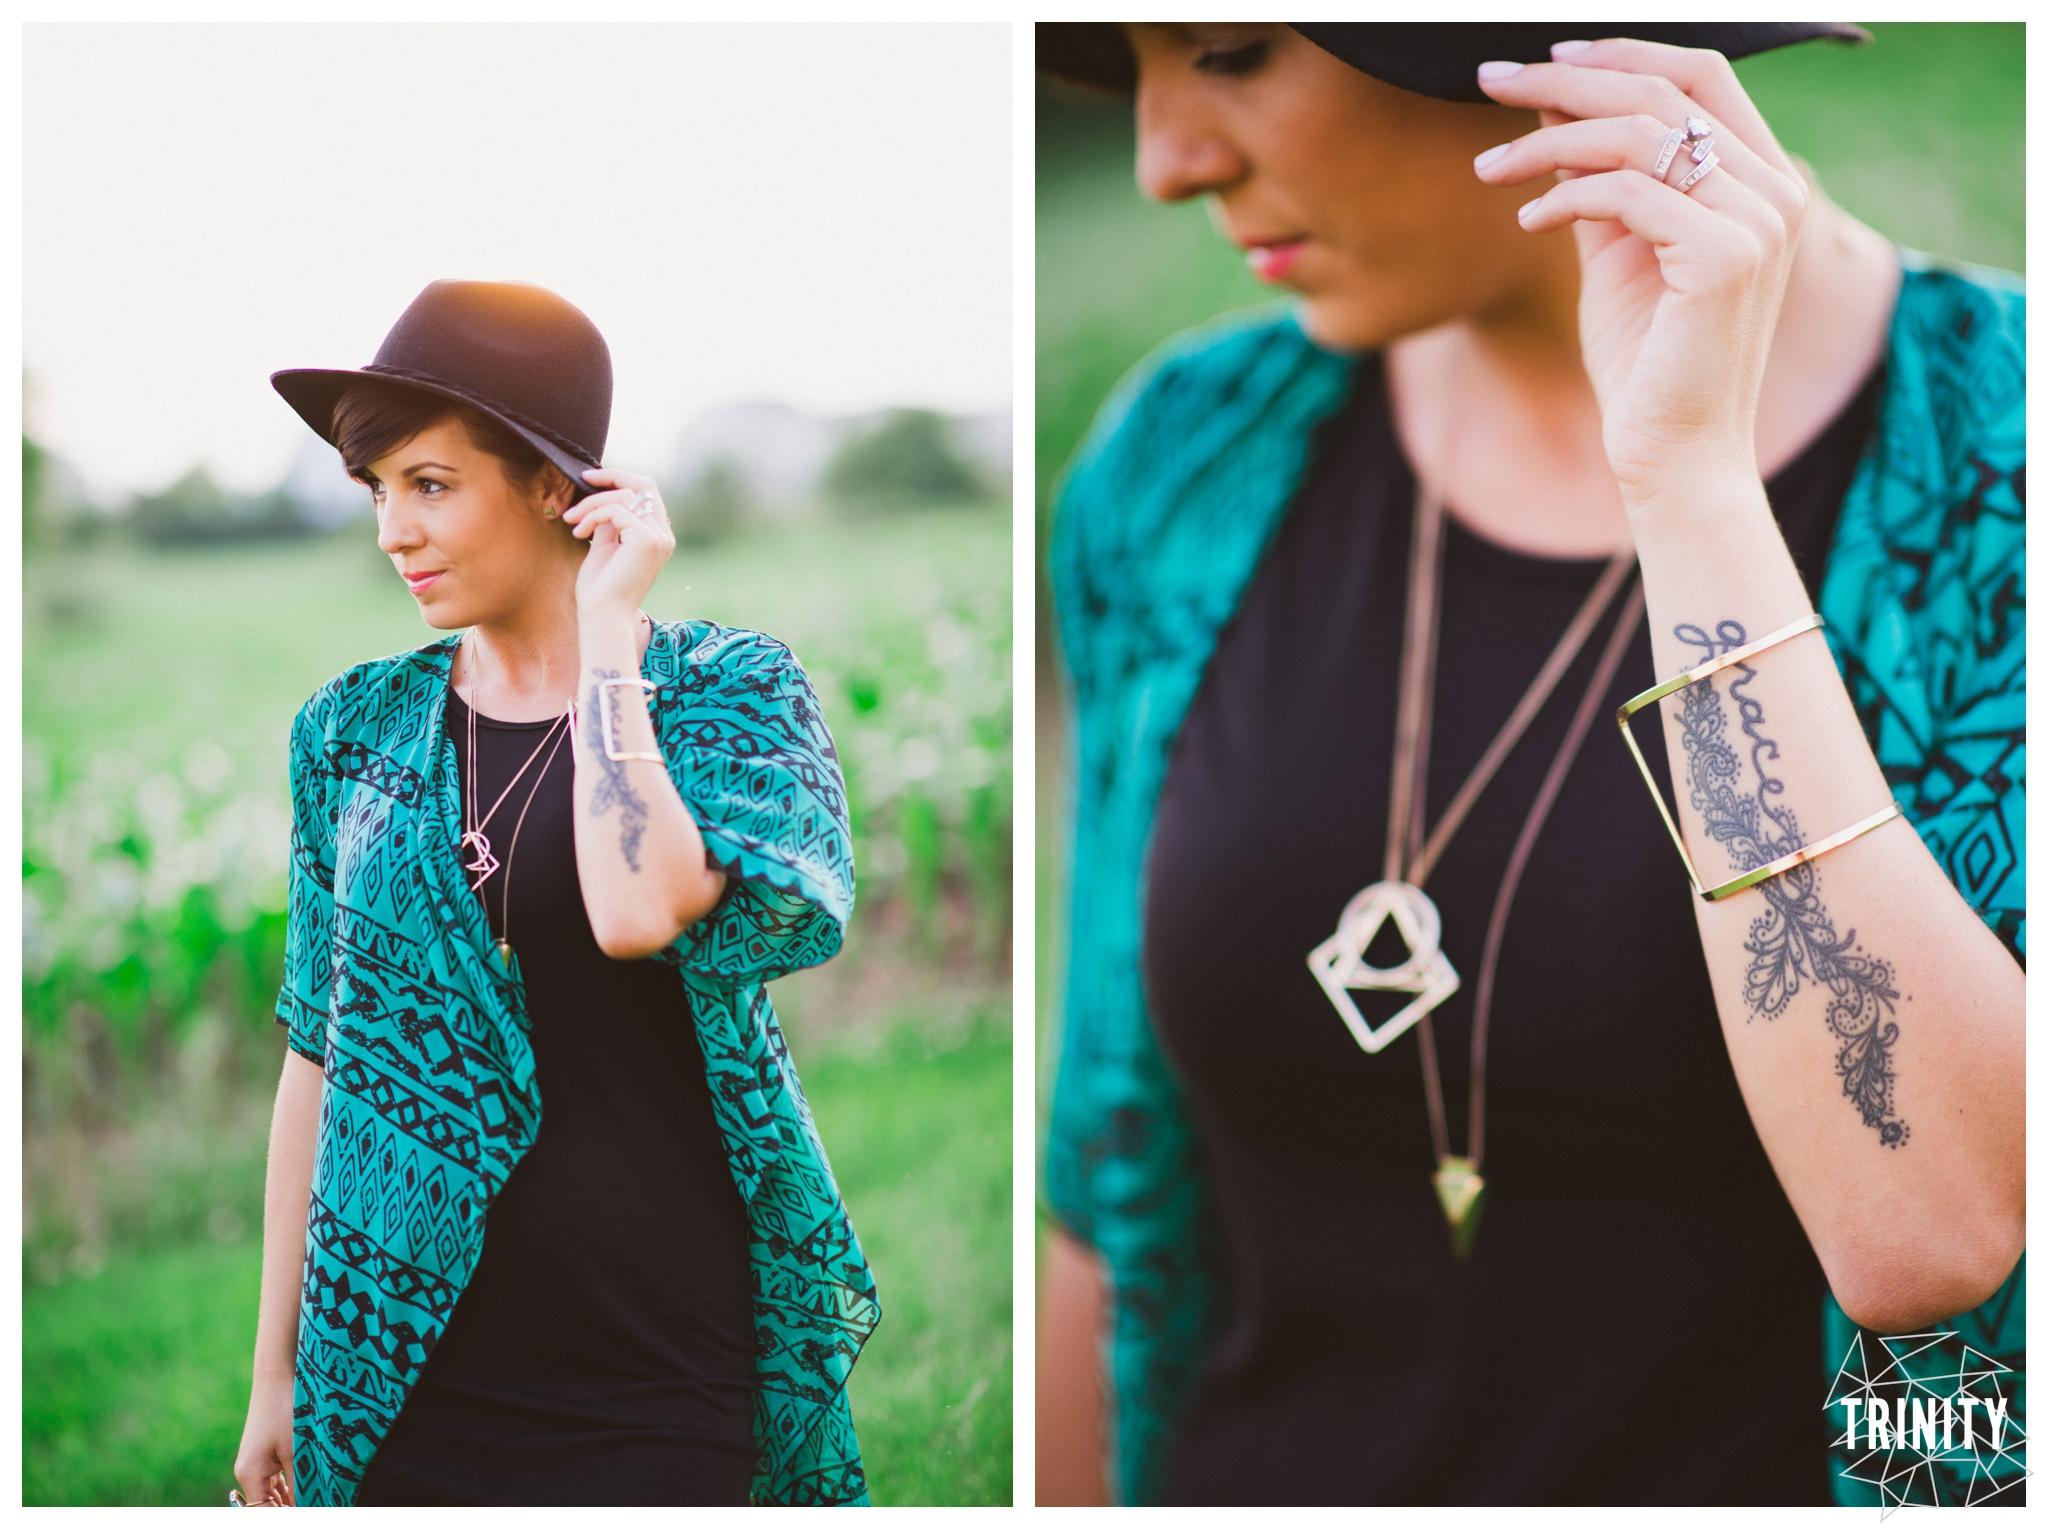 TRINITY photography LulaRoe Clothing